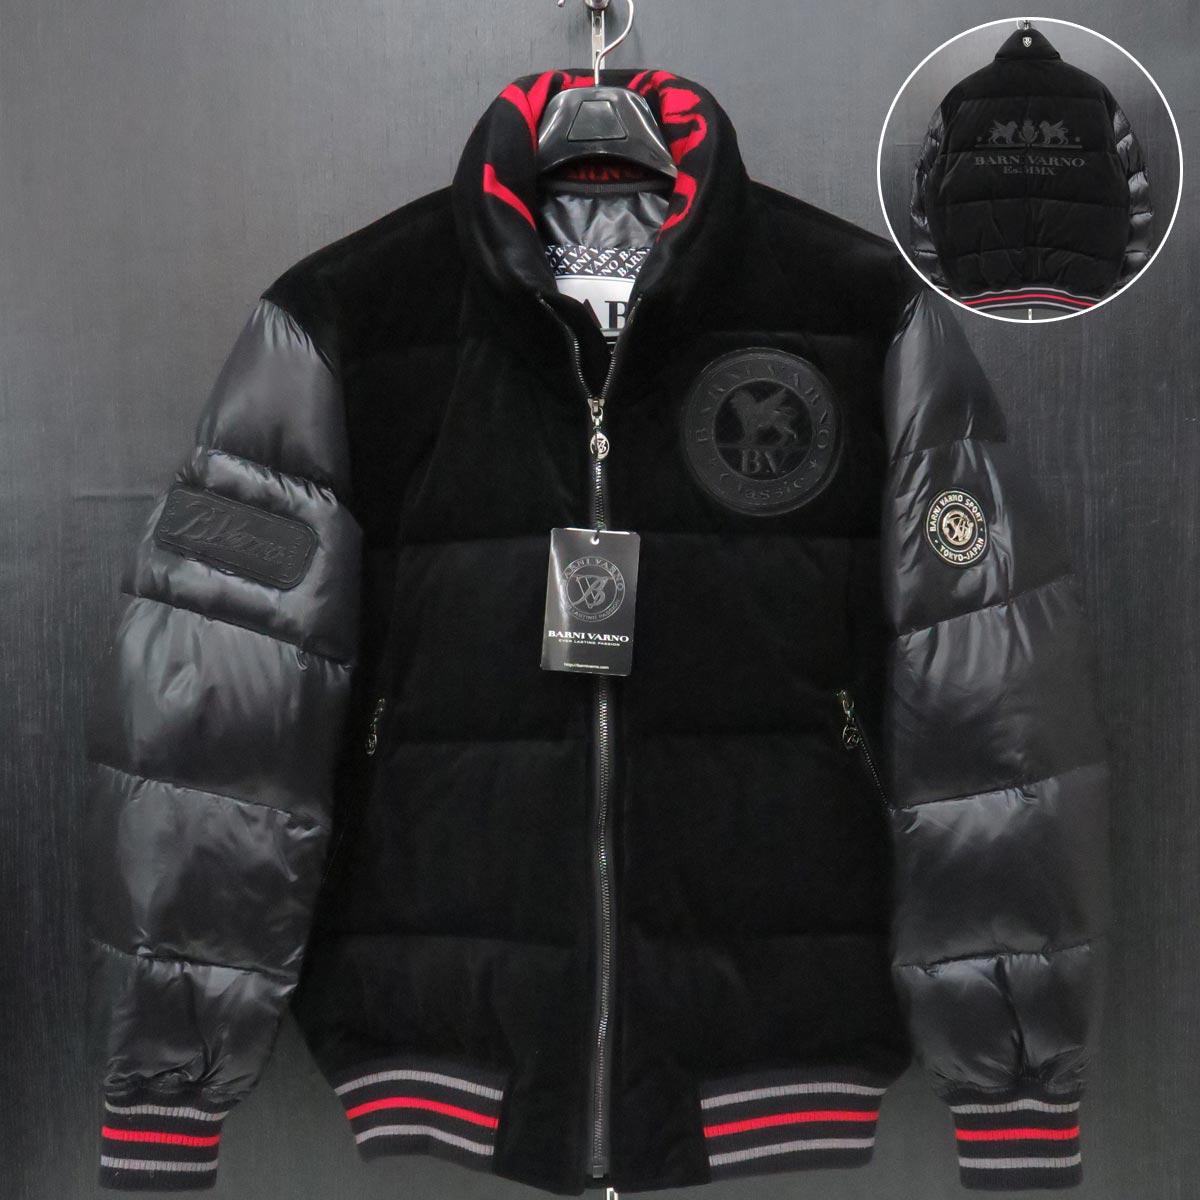 バーニヴァーノ ライオンダウンジャケット 黒 M/Lサイズ BAW-IDB3404-90